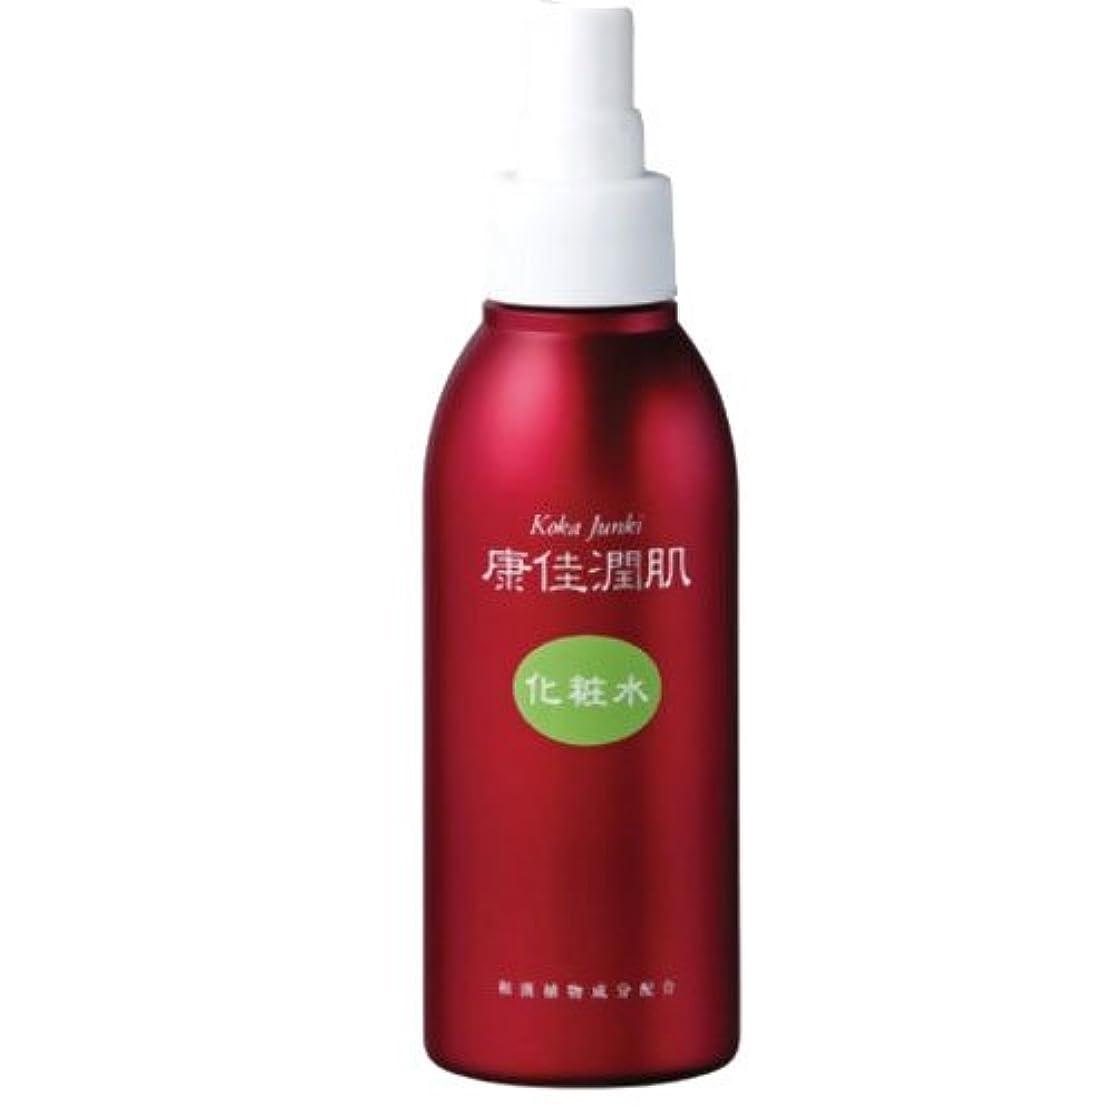 暫定の結核経度康佳潤肌化粧水